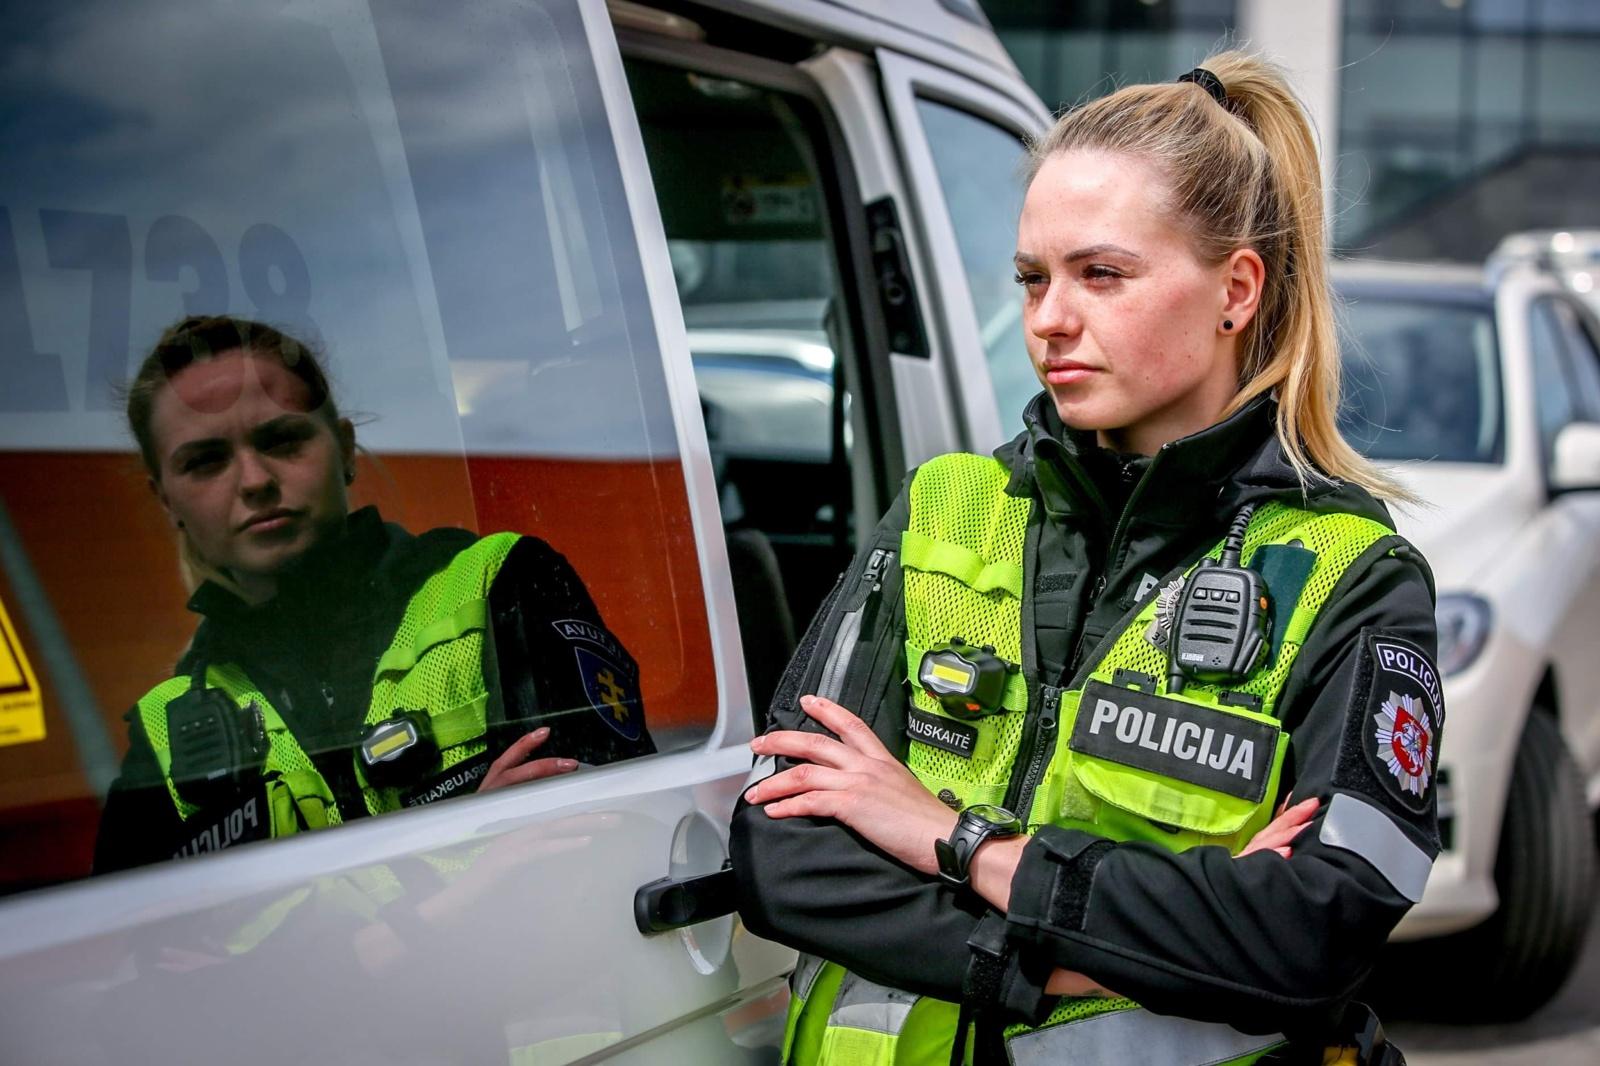 Gražuolė policijos pareigūnė Ina: dieną žmonės nori nusifotografuoti, o vakare – iškeikia